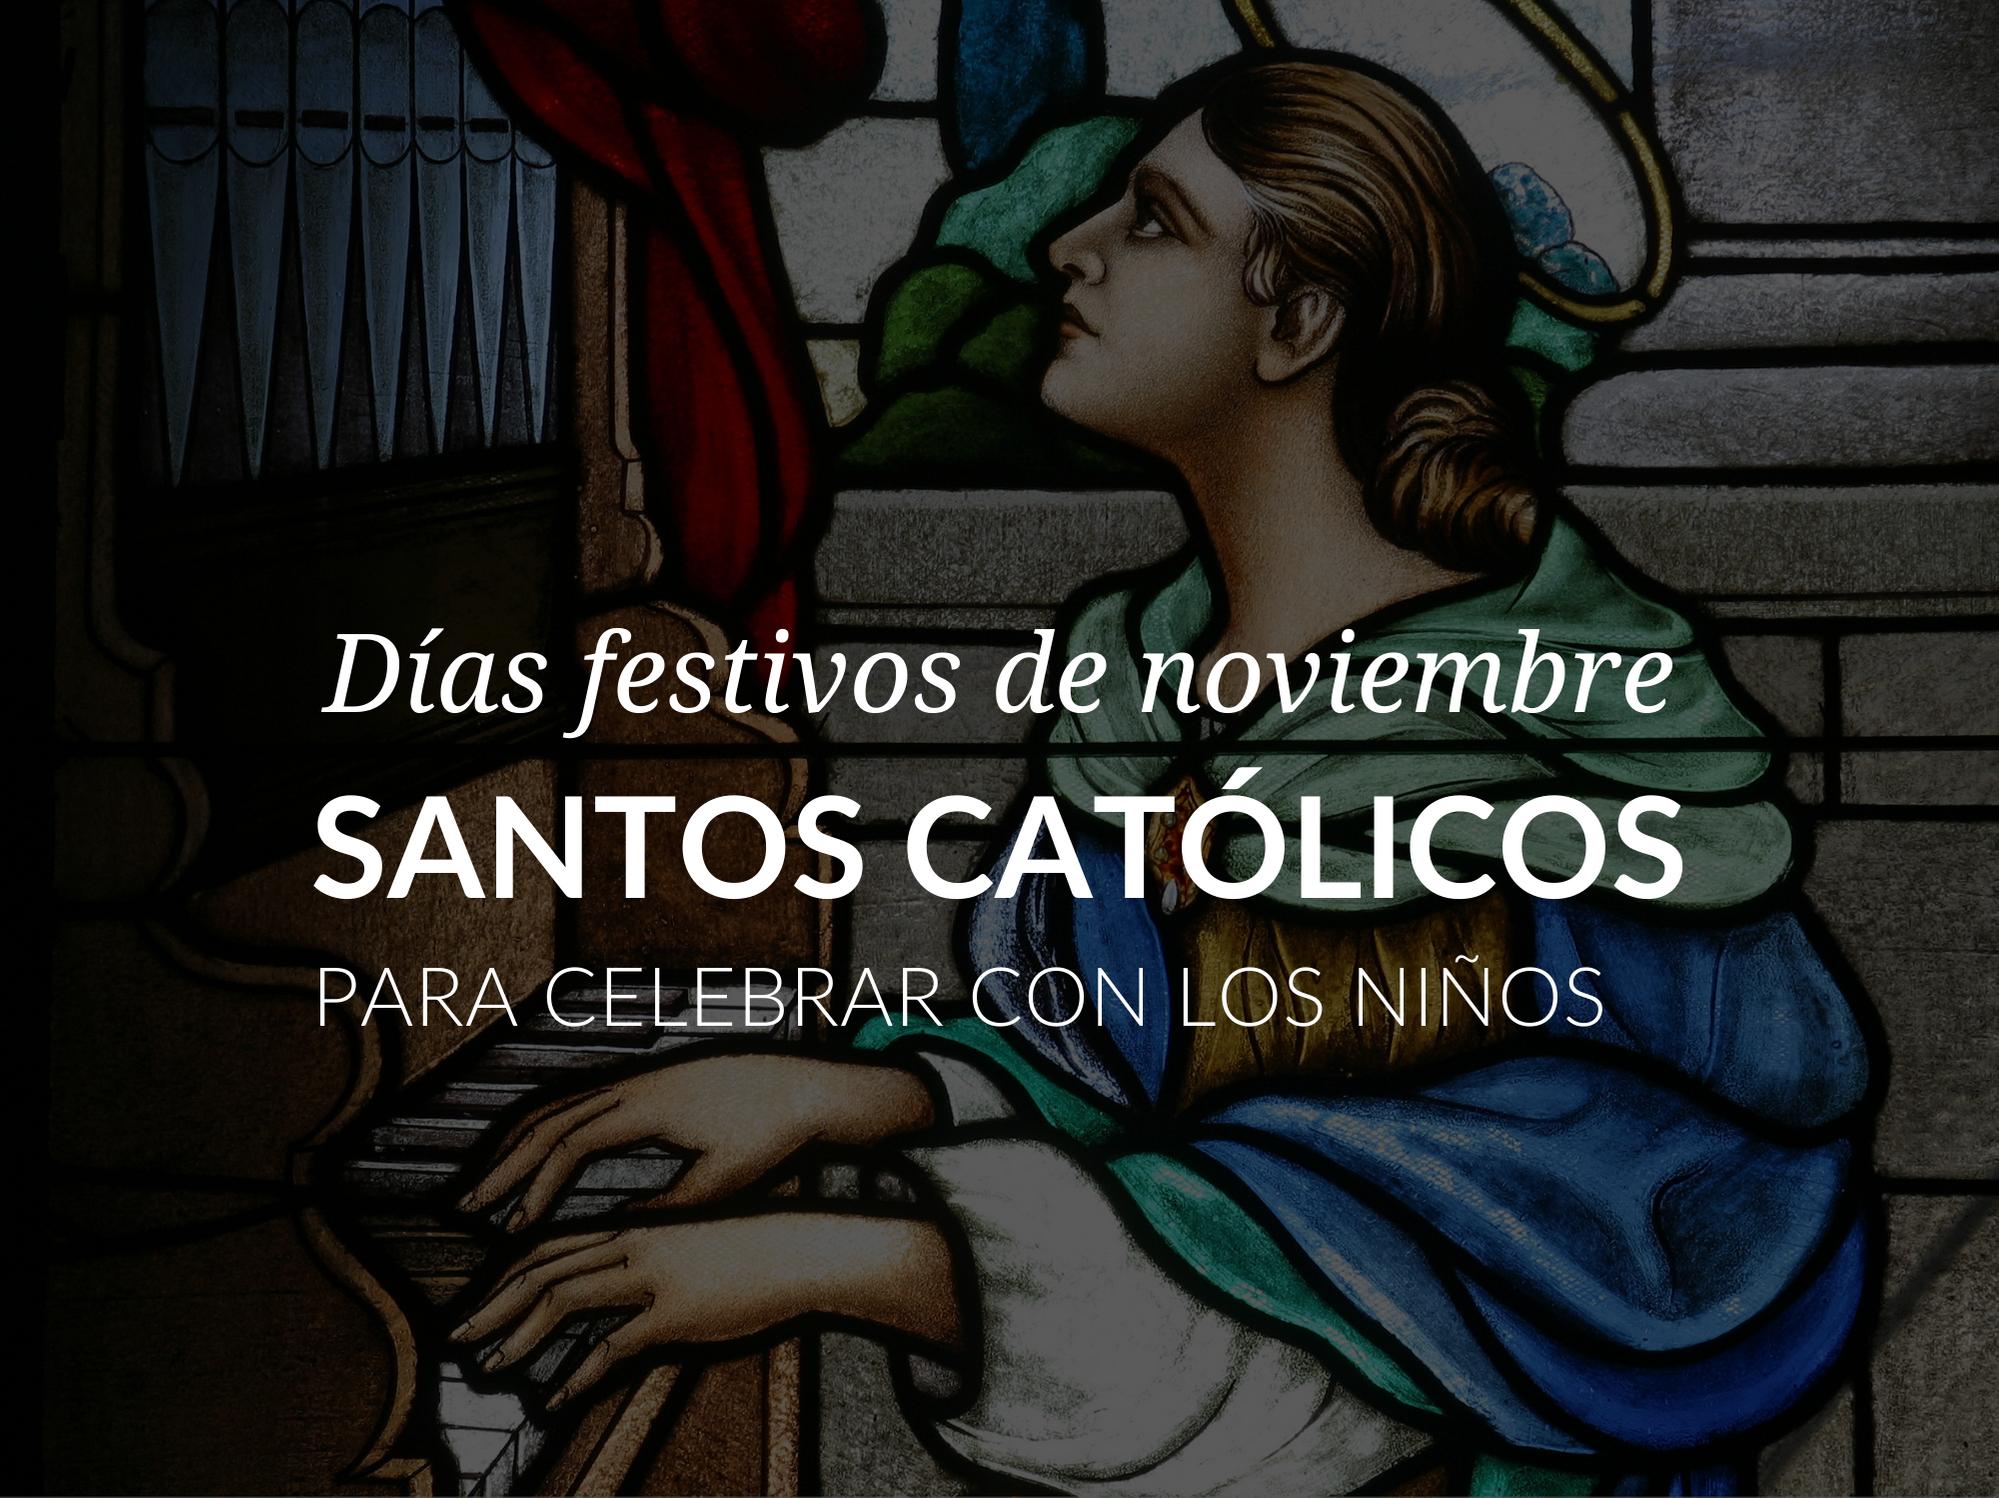 dias-festivos-de-noviembre-santos-catolicos-para-celebrar-con-los-ninos